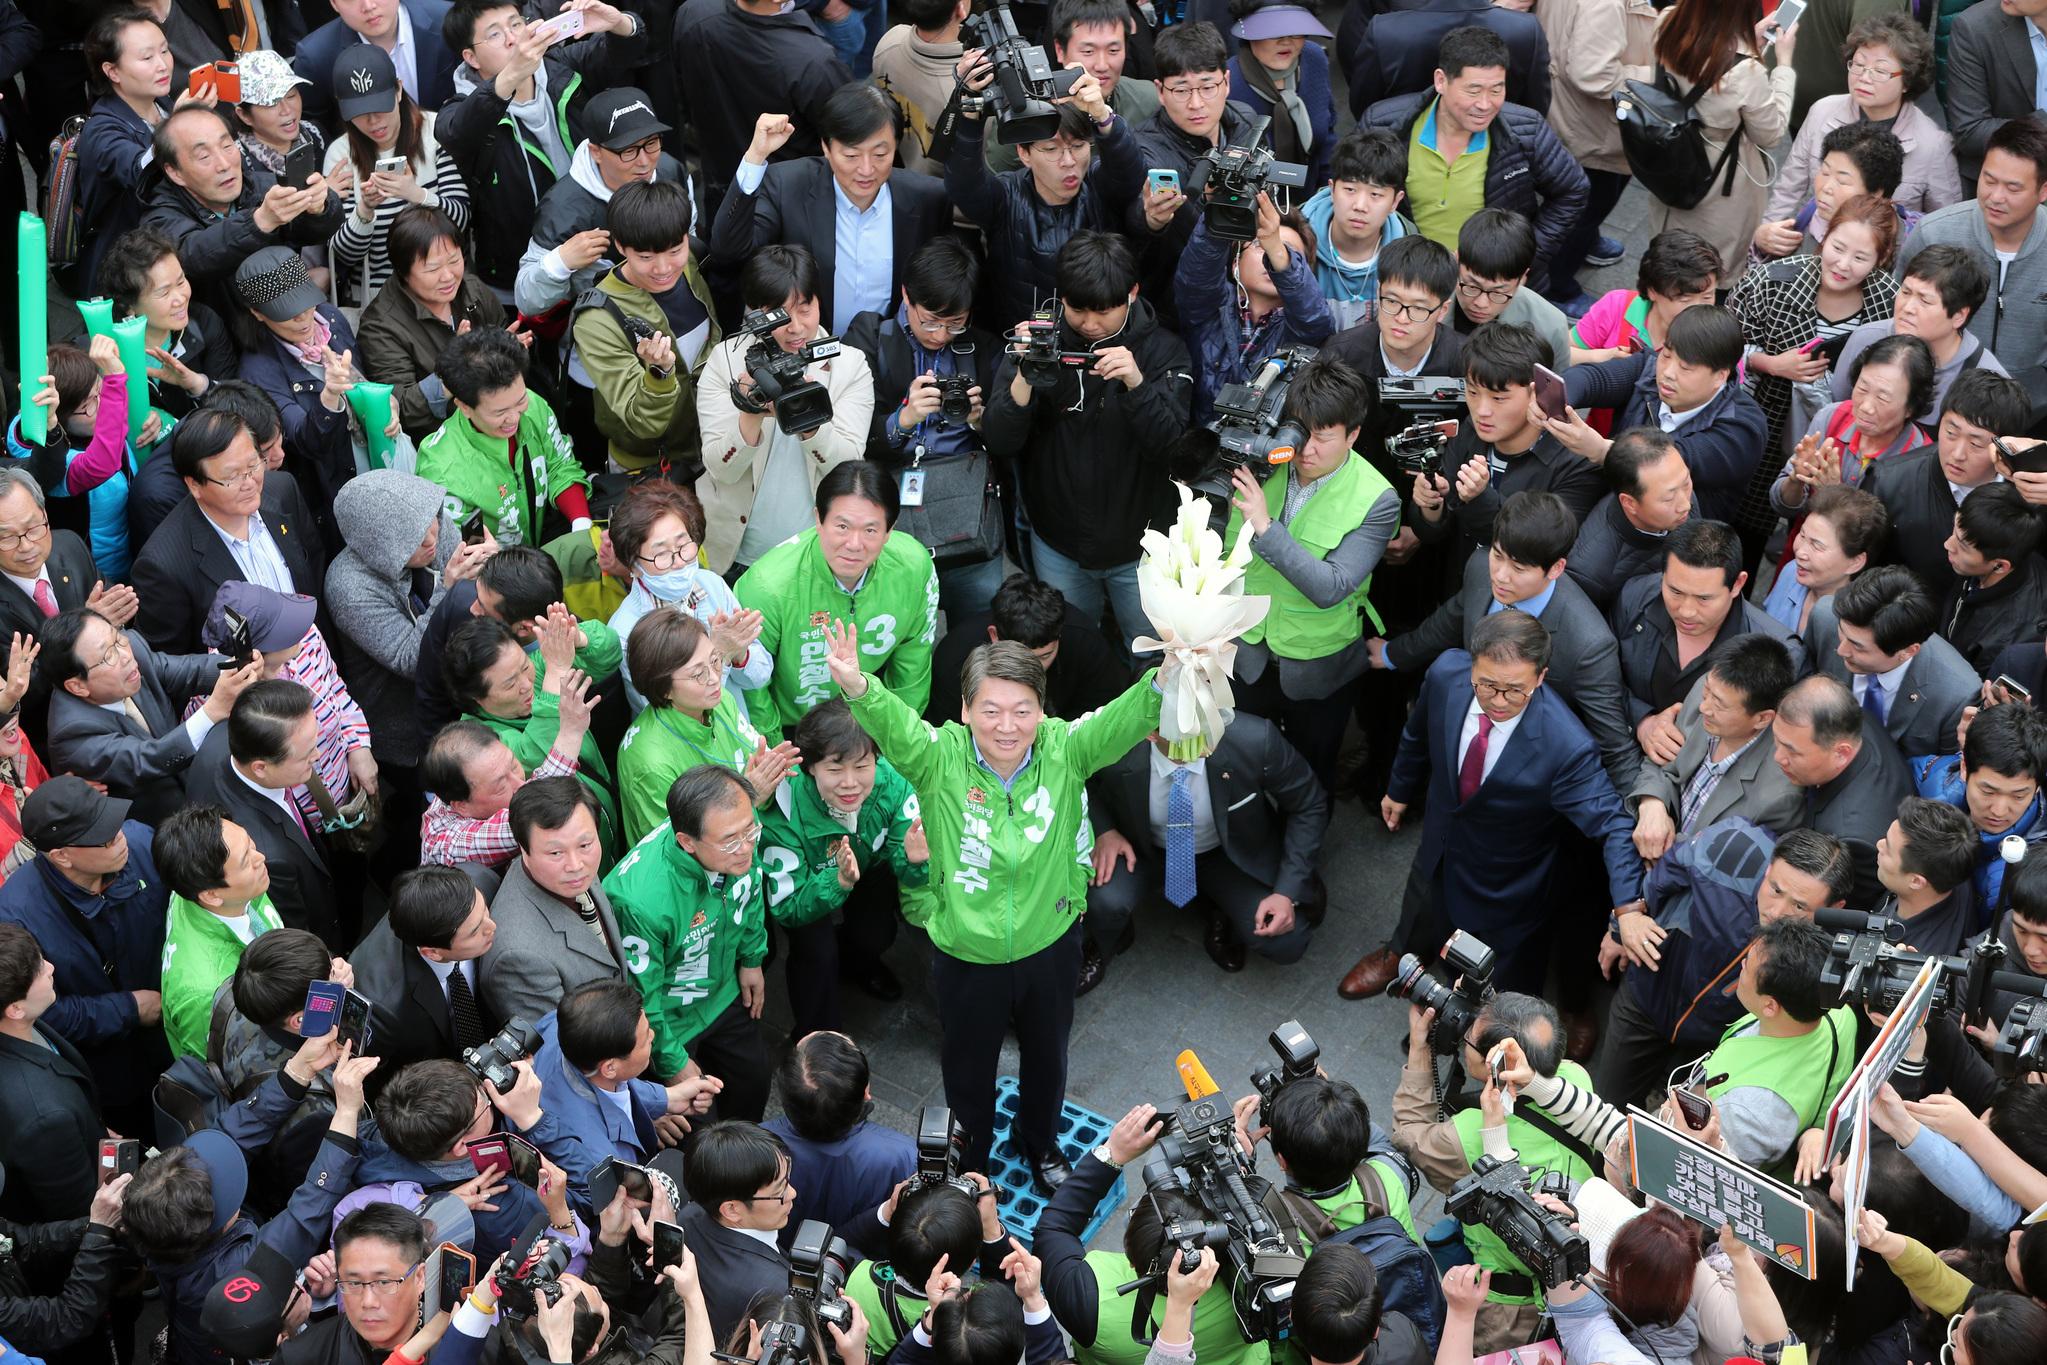 안철수 국민의당 후보가 20일 서울 남대문시장을 방문해서는 이례적으로 시민들 사이로 들어갔다. 하지만 안 후보 주위는 여전히 당 관계자들이 몰려있었고, 다른 당 관계자는 몸으로 지지자들의 접근을 막기도했다.박종근 기자